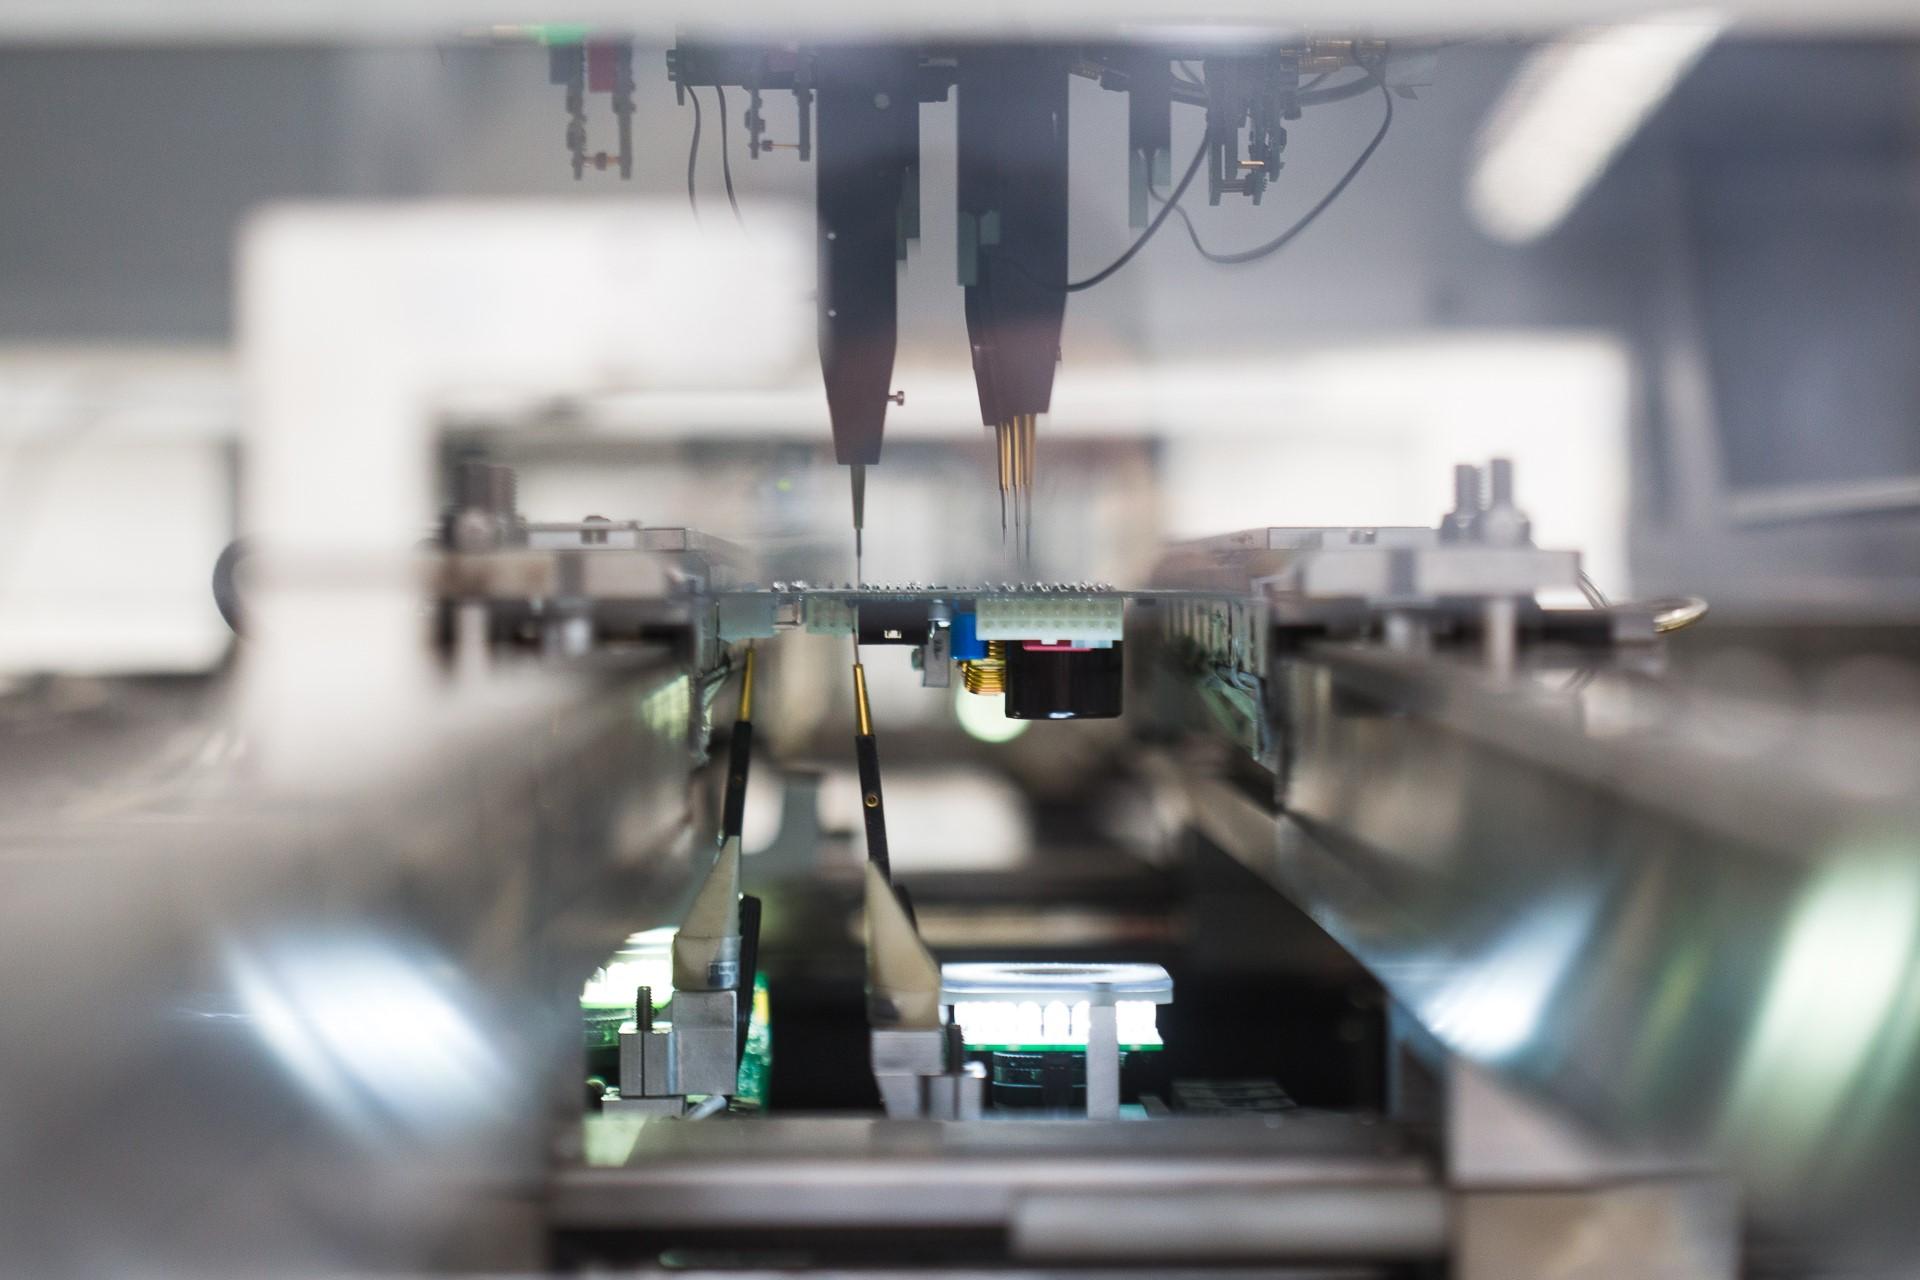 Roj Technology, applicazione delle tecnologie all'industria del tessile